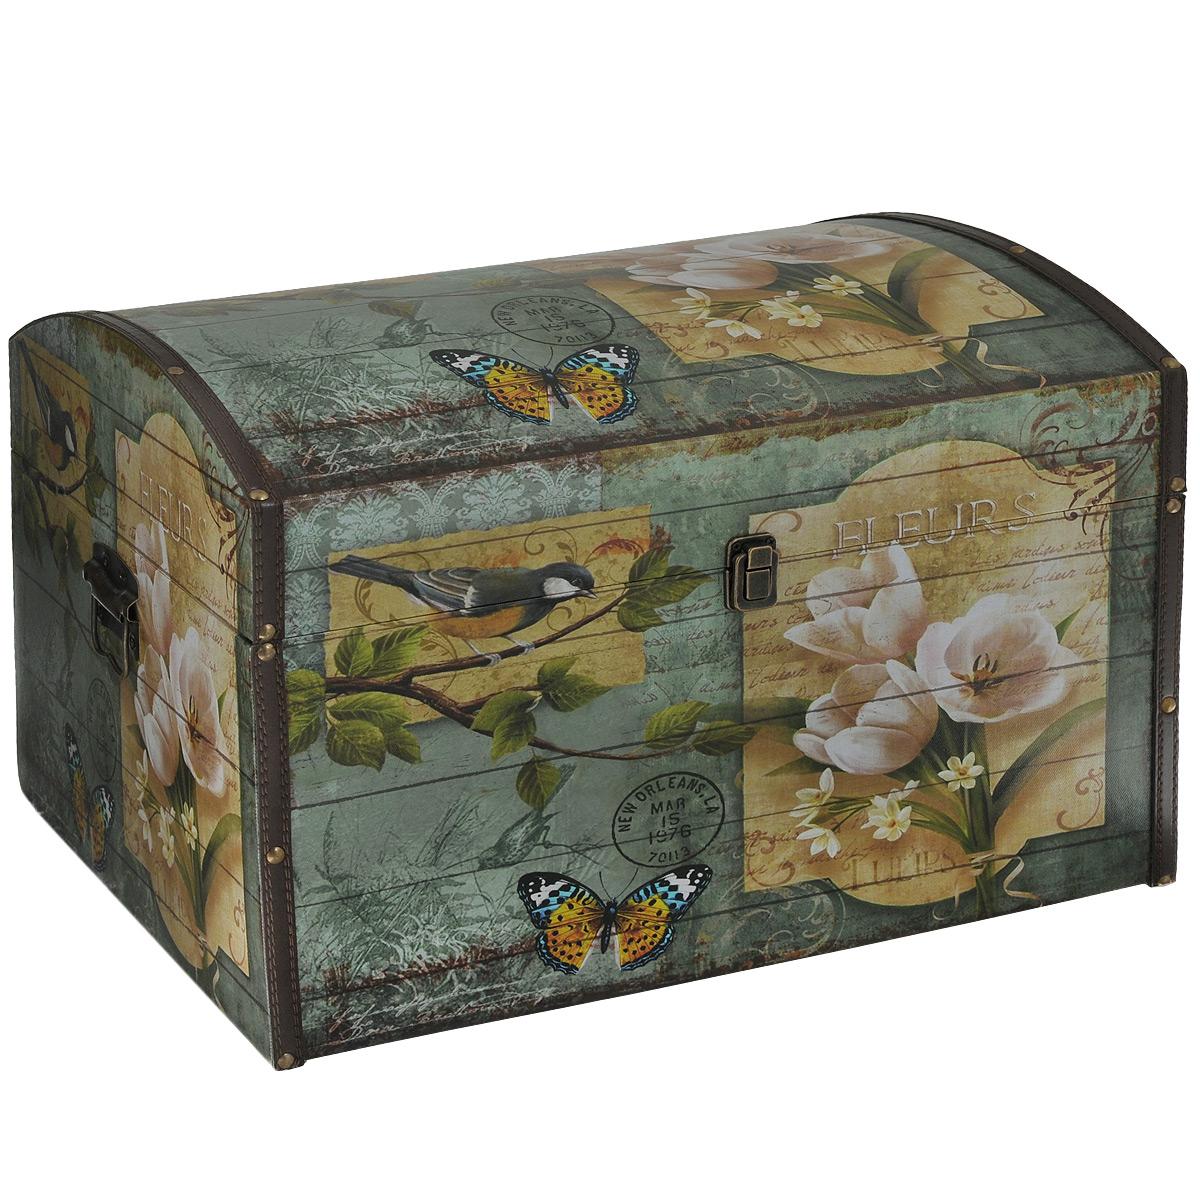 Шкатулка для рукоделия Весна 3, цвет: зеленый, светло-коричневыйTL3867LШкатулка Весна 3 изготовлена из МДФ, картона и холщовой ткани и оснащена откидной крышкой. Изделие декорировано изображением цветов, бабочки и птицы. Крышка закрывается металлическим замочком-защелкой. Внутри шкатулка обтянута тканью коричневого цвета. По бокам имеются металлические ручки для удобной переноски. Изящная шкатулка с ярким дизайном предназначена для хранения мелочей, принадлежностей для шитья и творчества и других аксессуаров. Она красиво оформит интерьер комнаты и поможет хранить ваши вещи в порядке.